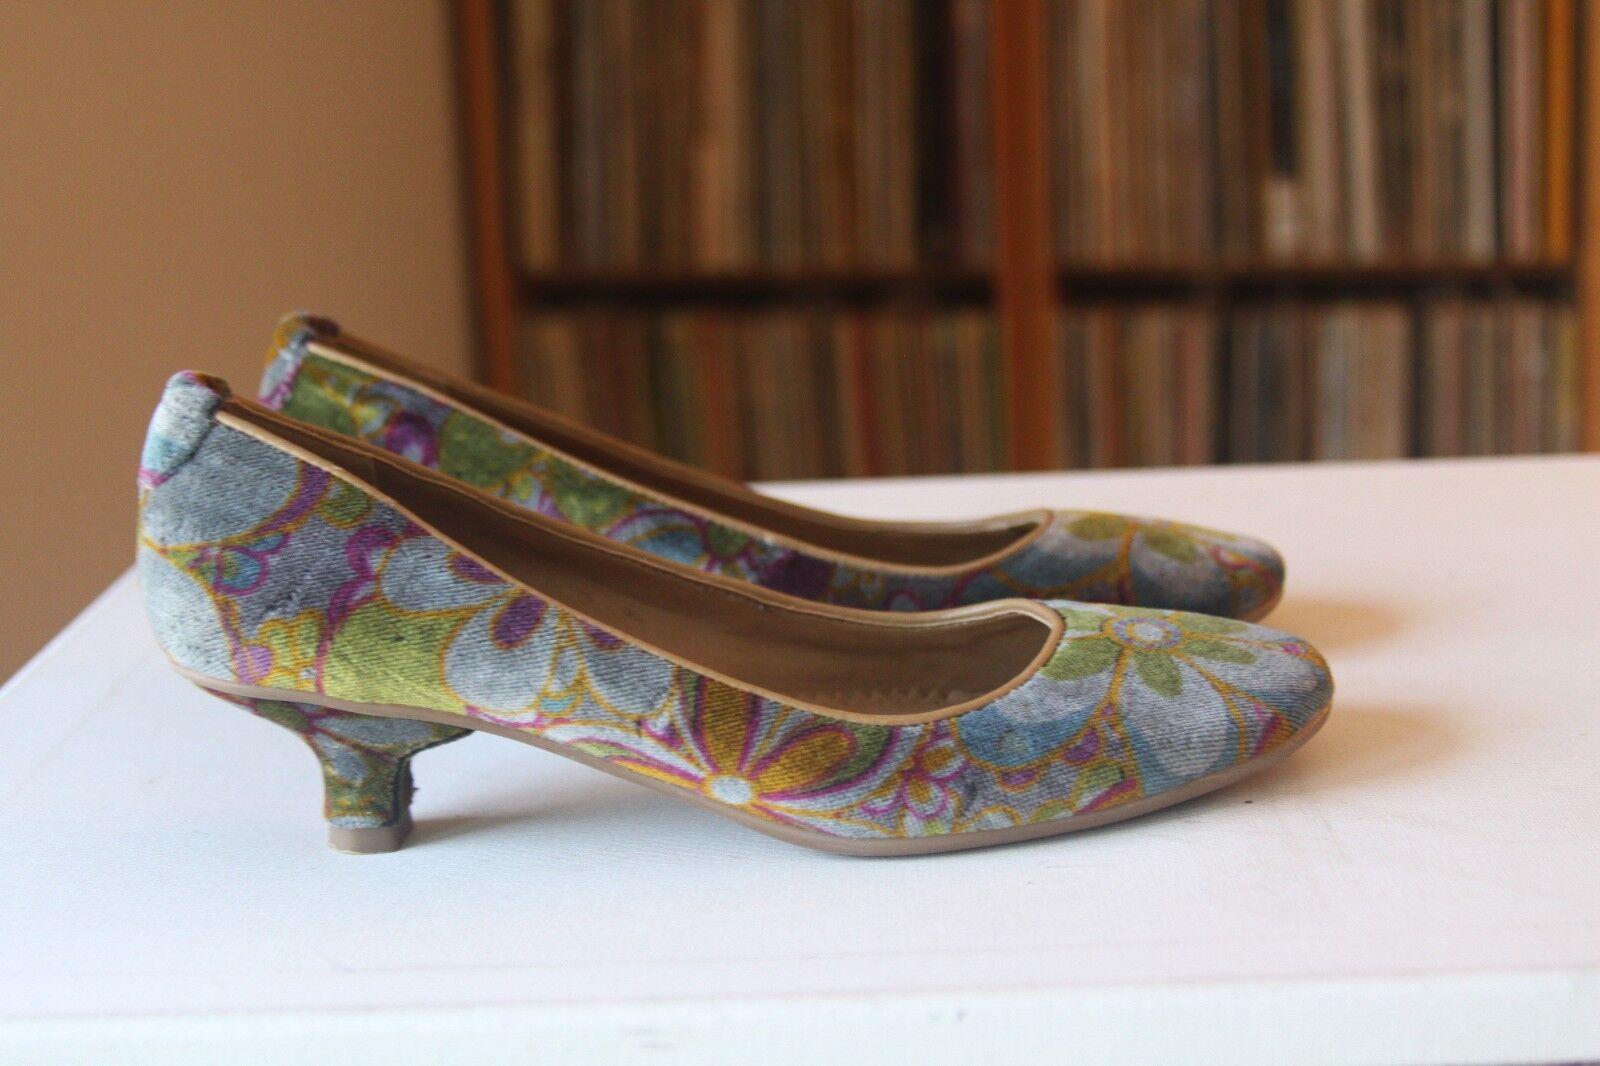 Schutz Multi Farbe Florals Velvet 1 3/4 Inch Heel Pumps 8 Größe 8 Pumps Made In Brazil 47294e